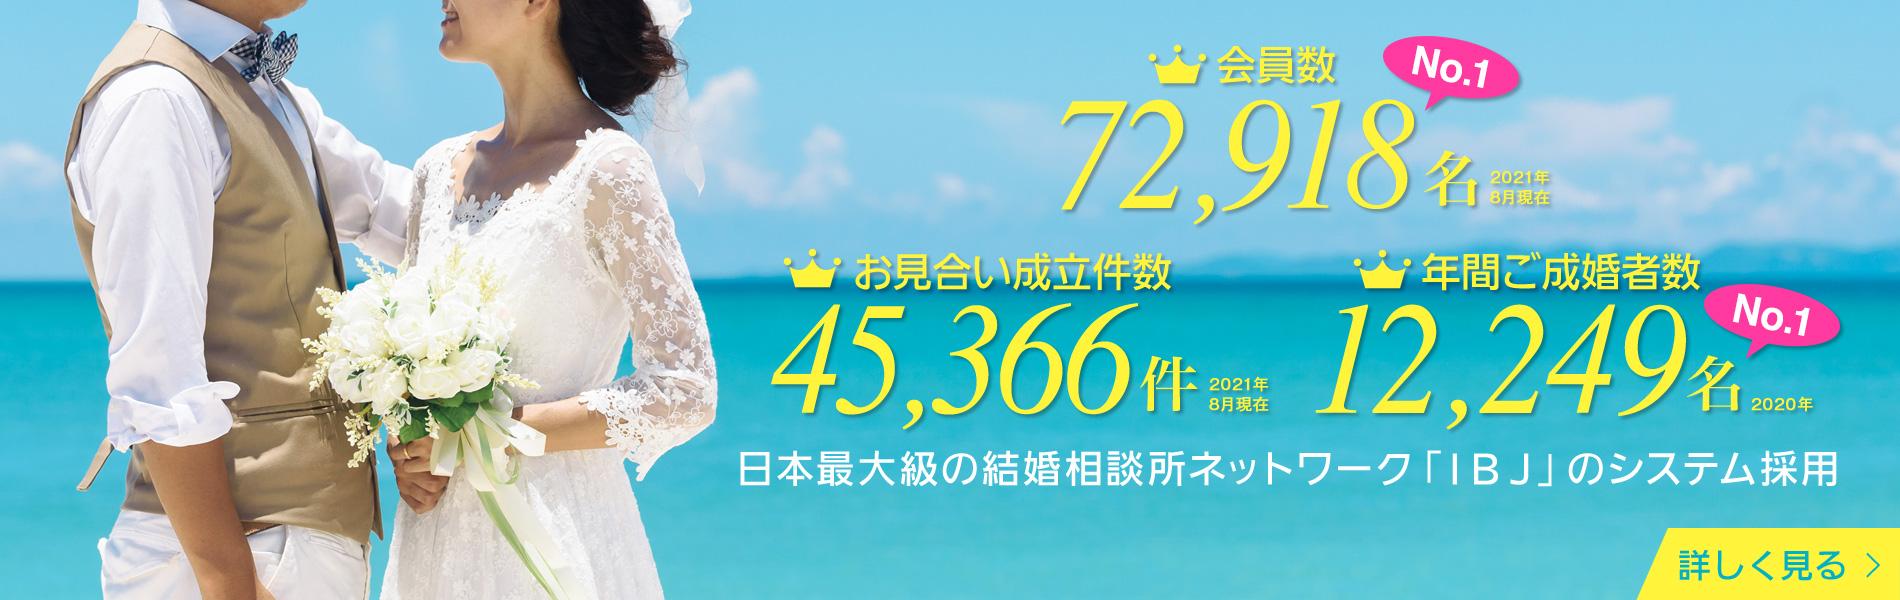 日本最大級の結婚相談所ネットワーク「IBJ」のシステム採用